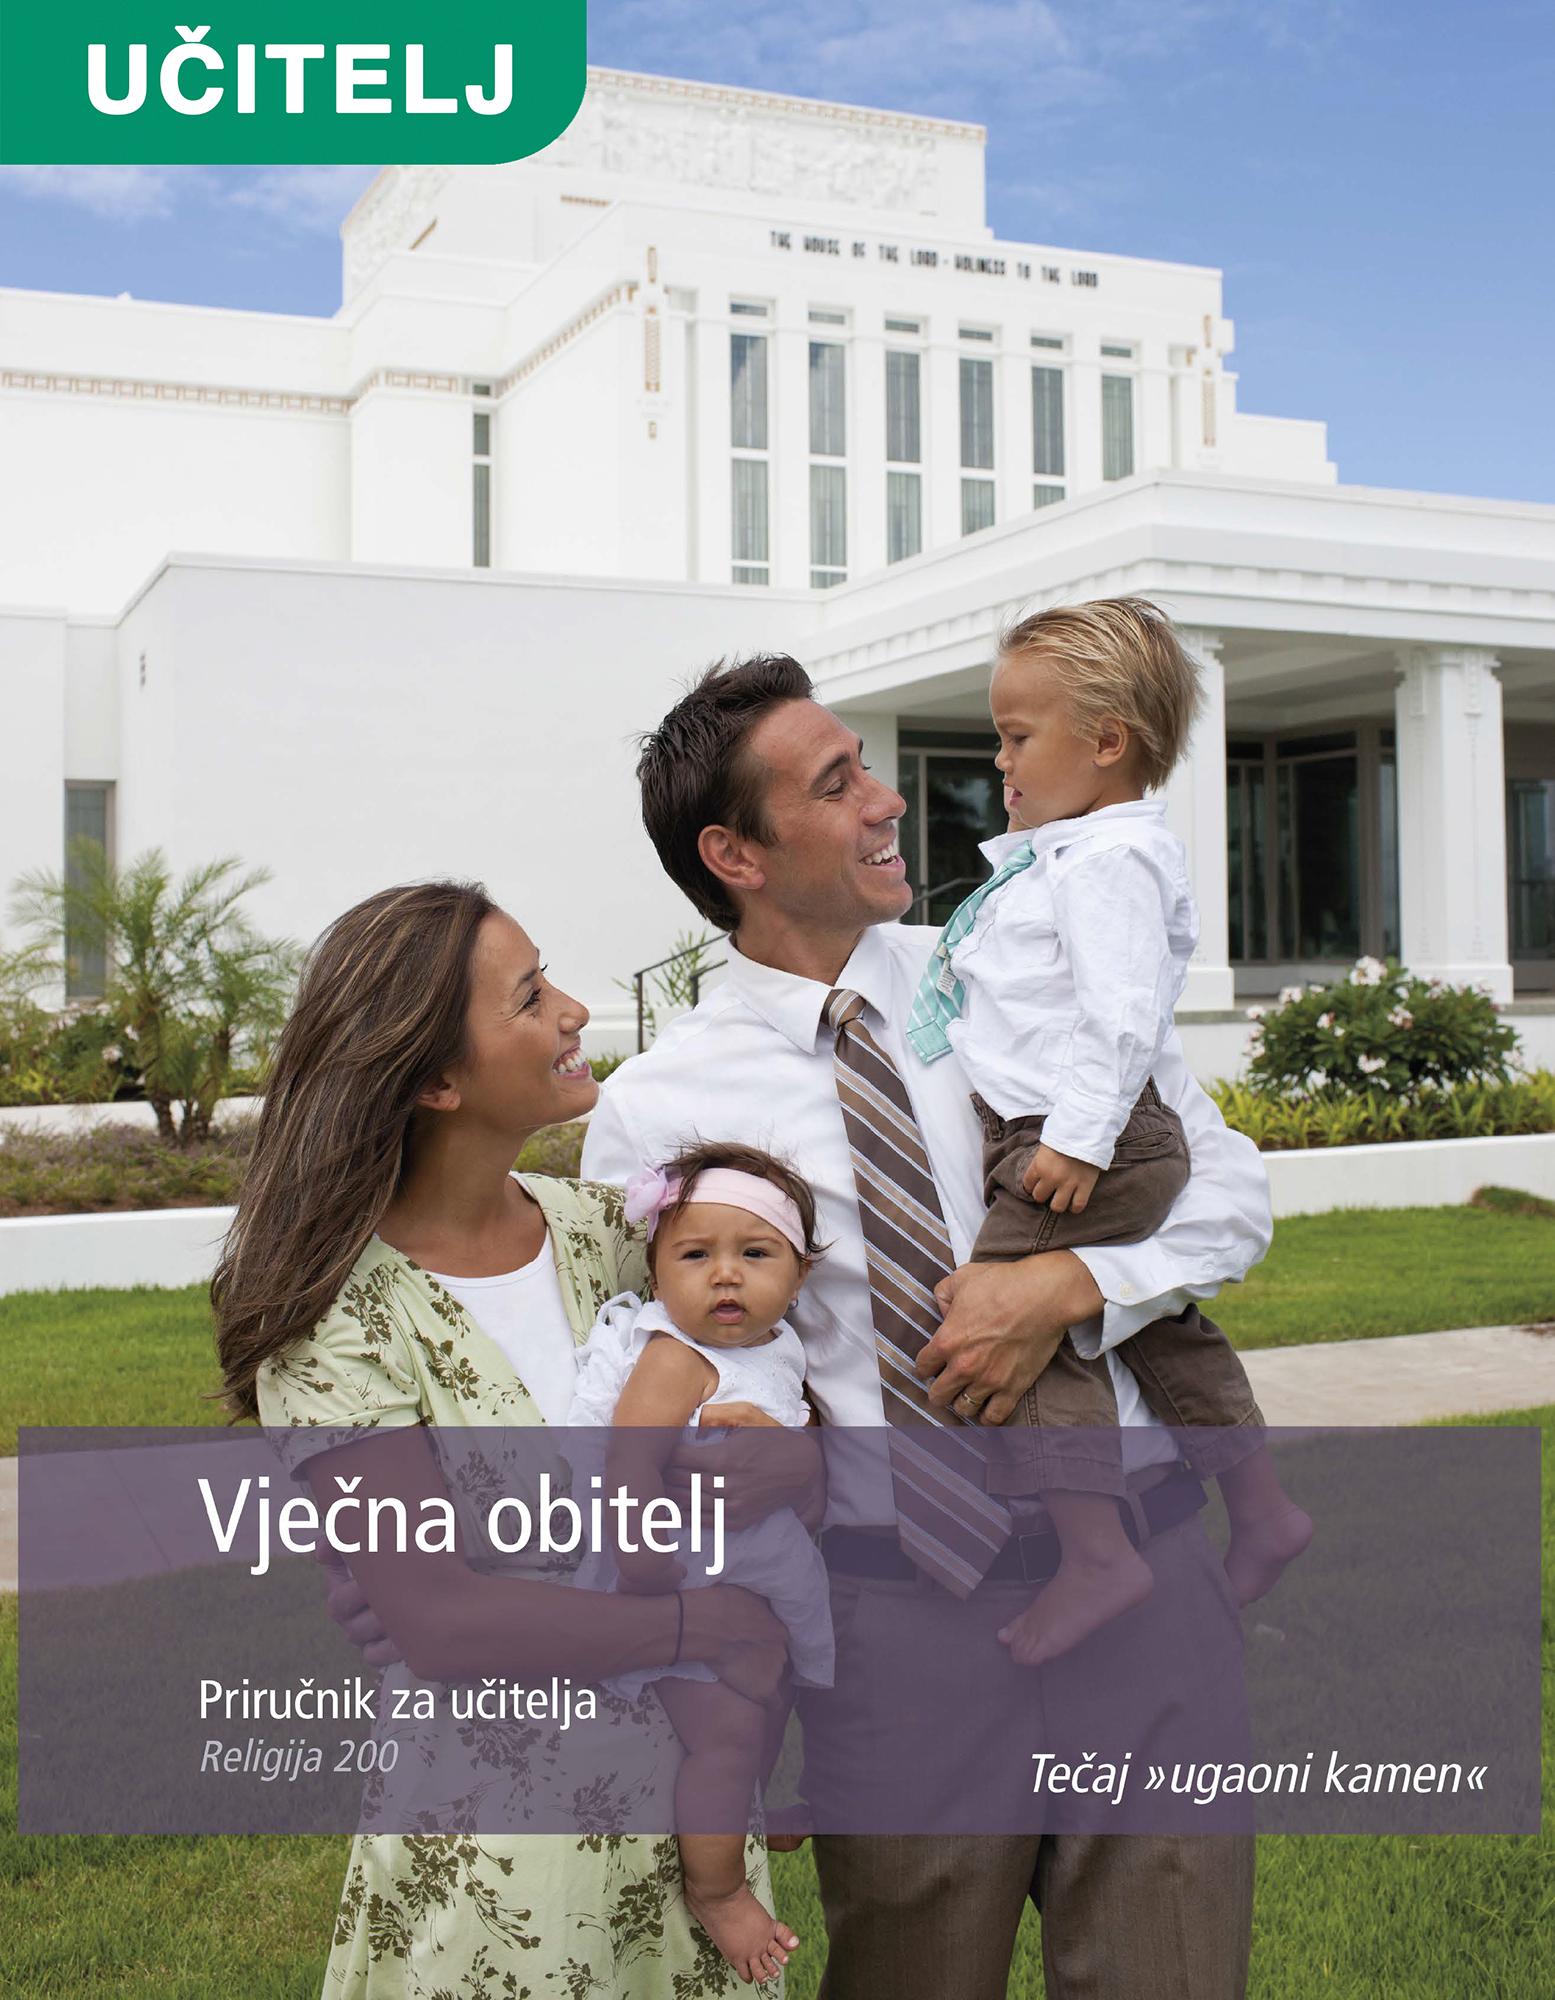 Vječna obitelj – priručnik za učitelje (Rel 200)